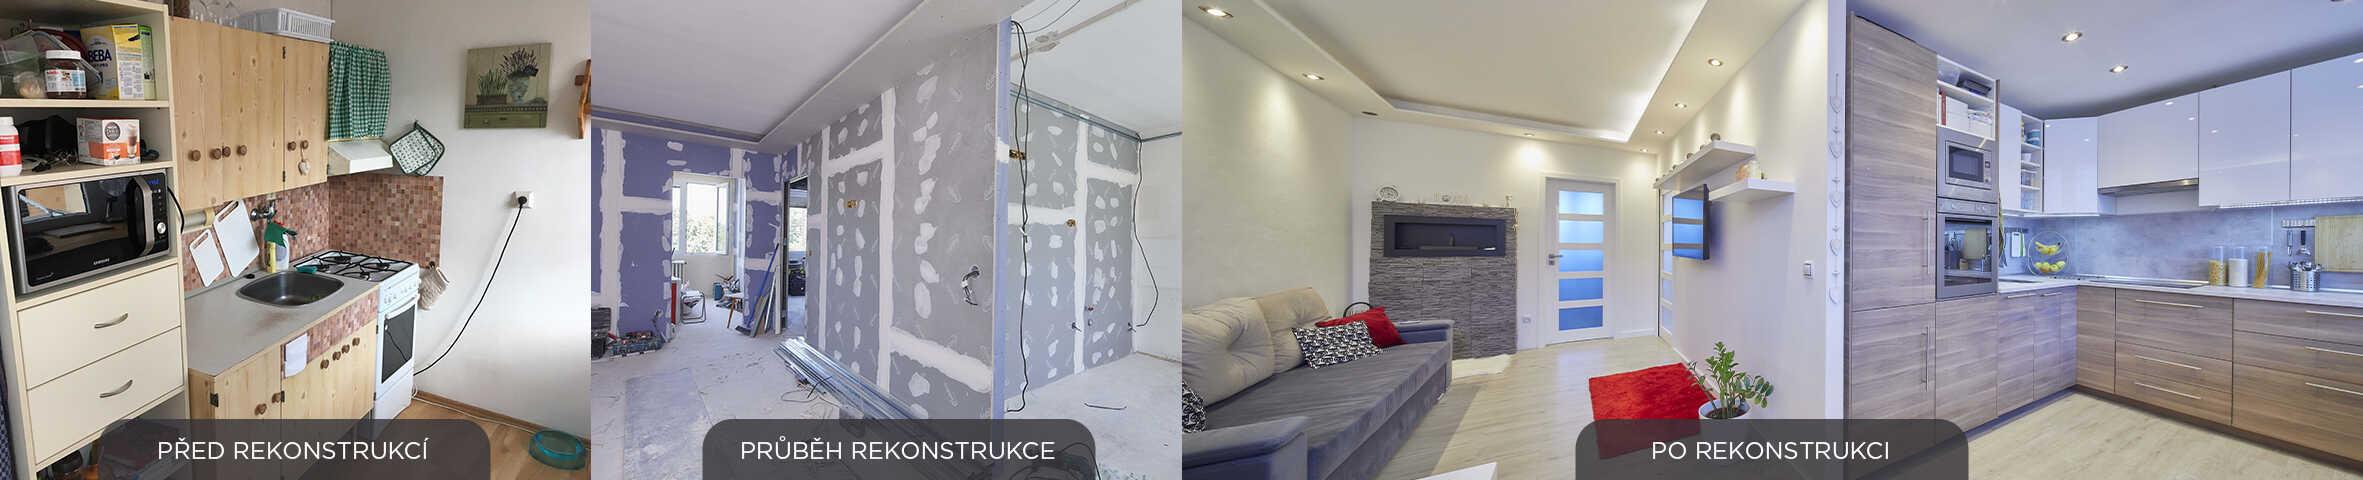 rekonstrukce kuchyně a obývacího pokoje - panelakovy byt - Lastovickovi